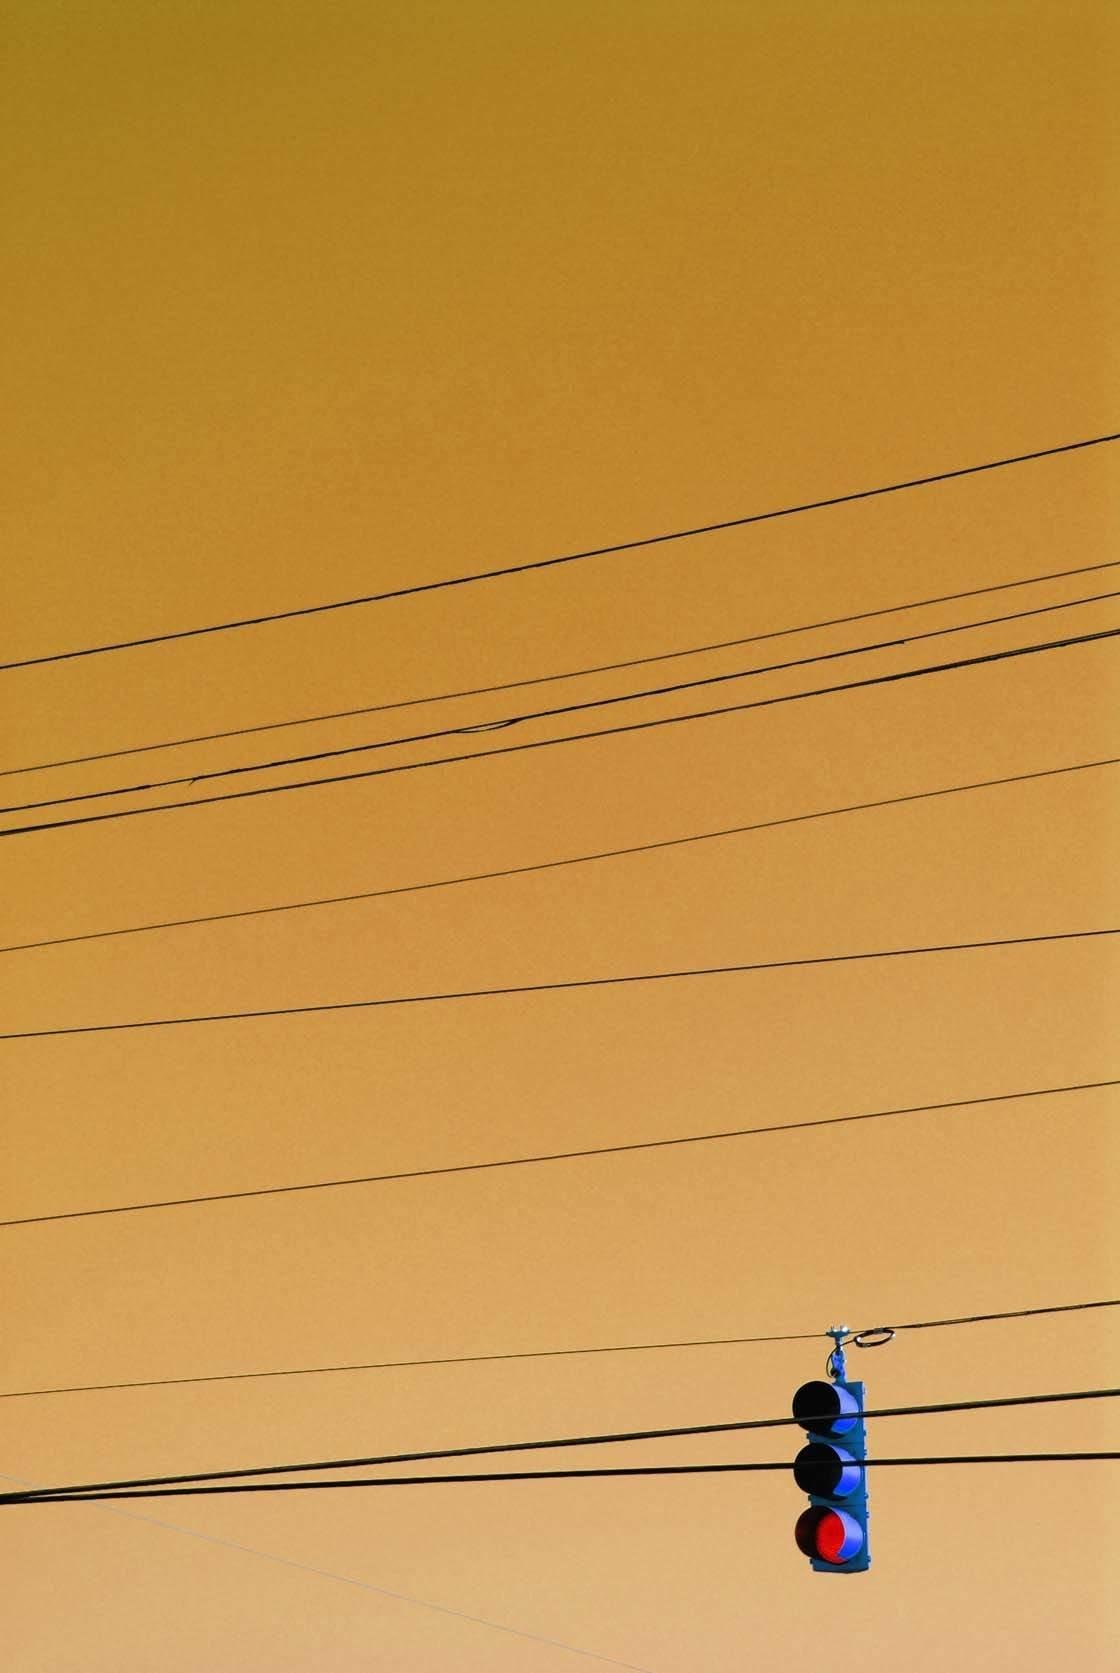 Marcus Cederberg iPhone Photos 31 no script